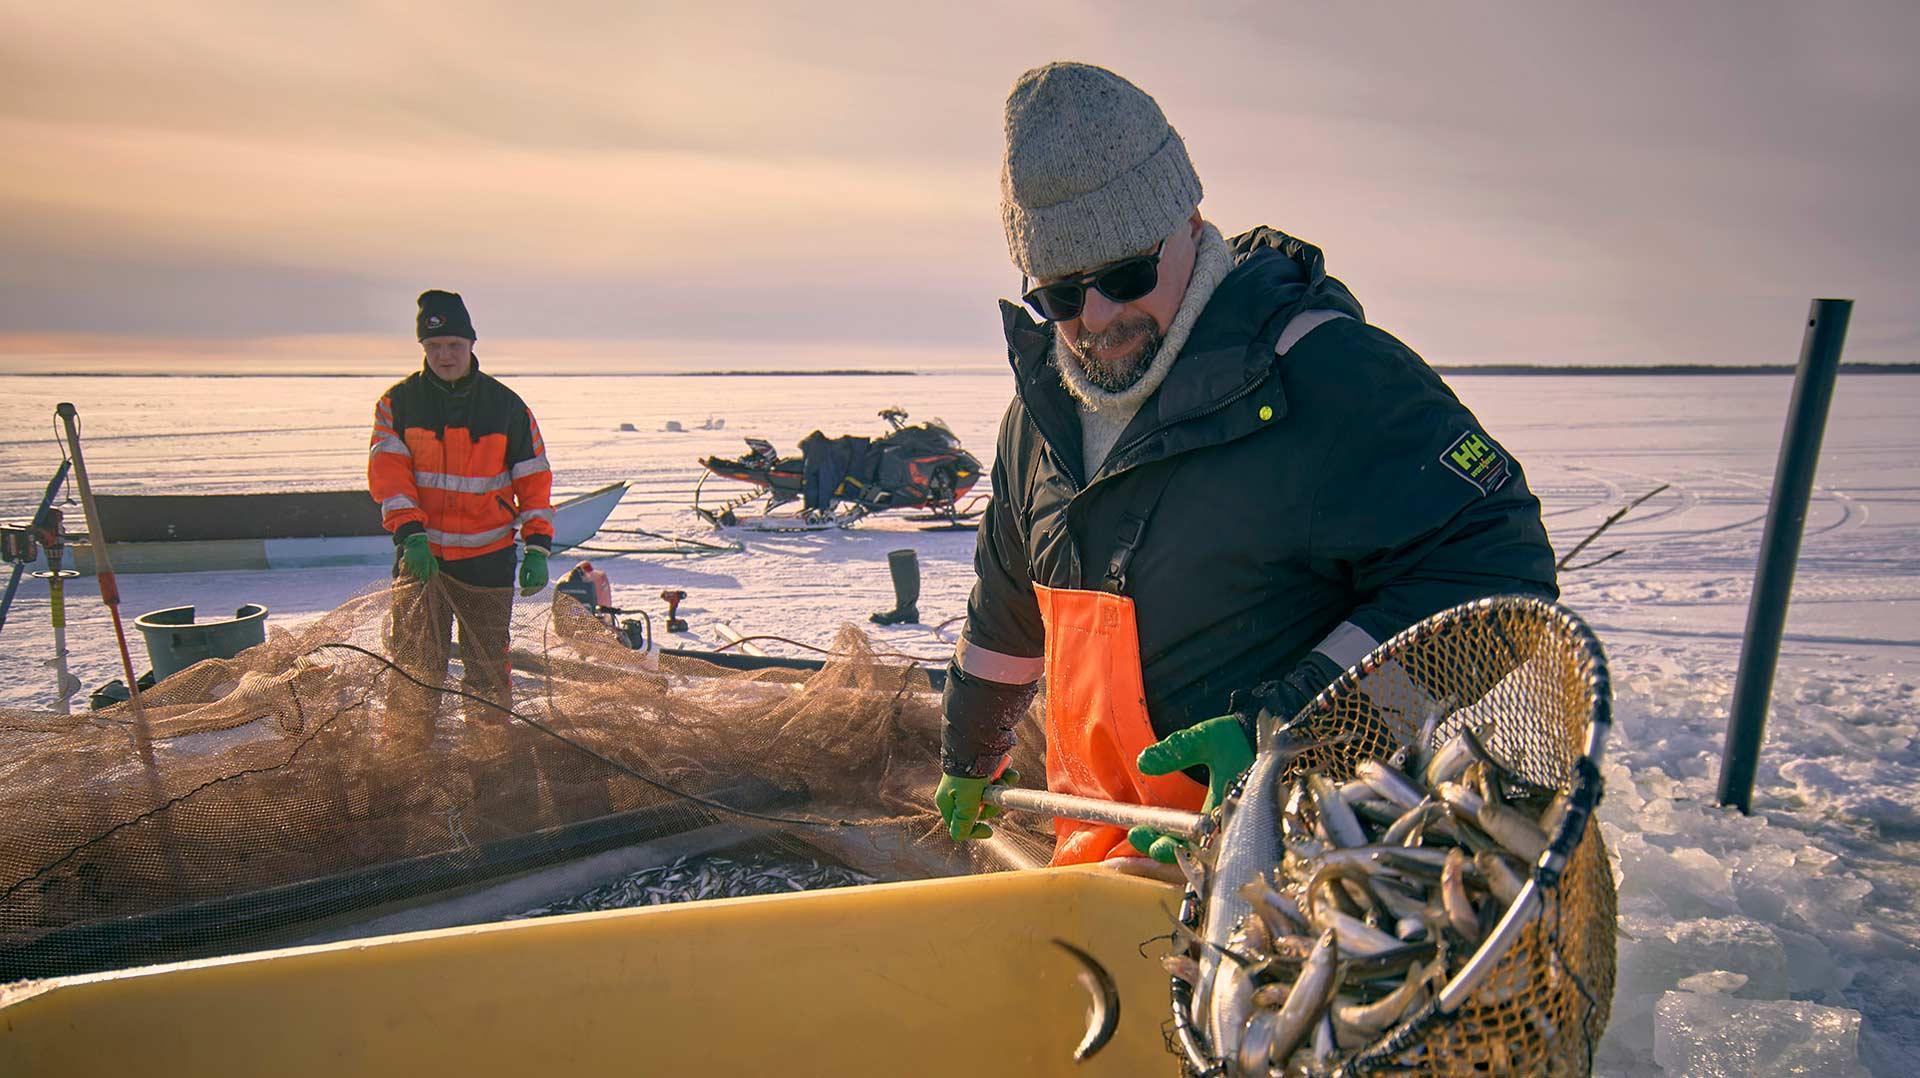 Kalastaja Lauri Halonen   Kalastajalle kiitos   Hätälä